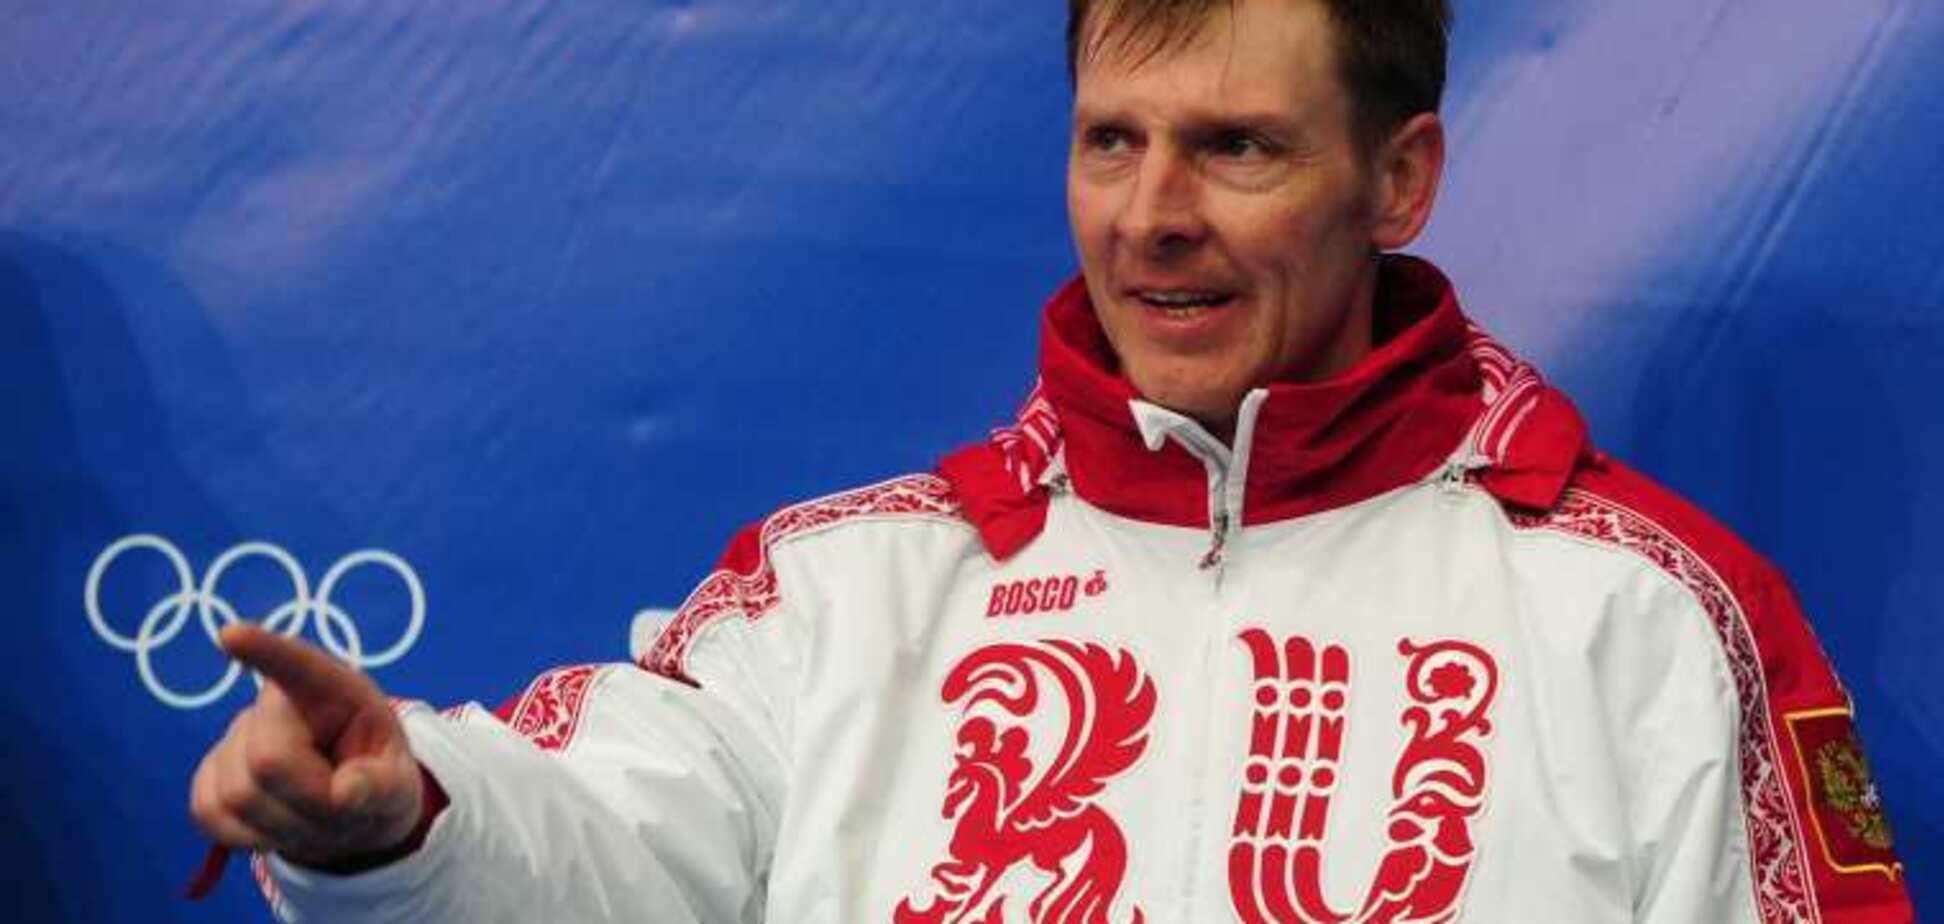 Російського чемпіона, який не повернув 'золото' Олімпіади, серйозно покарали